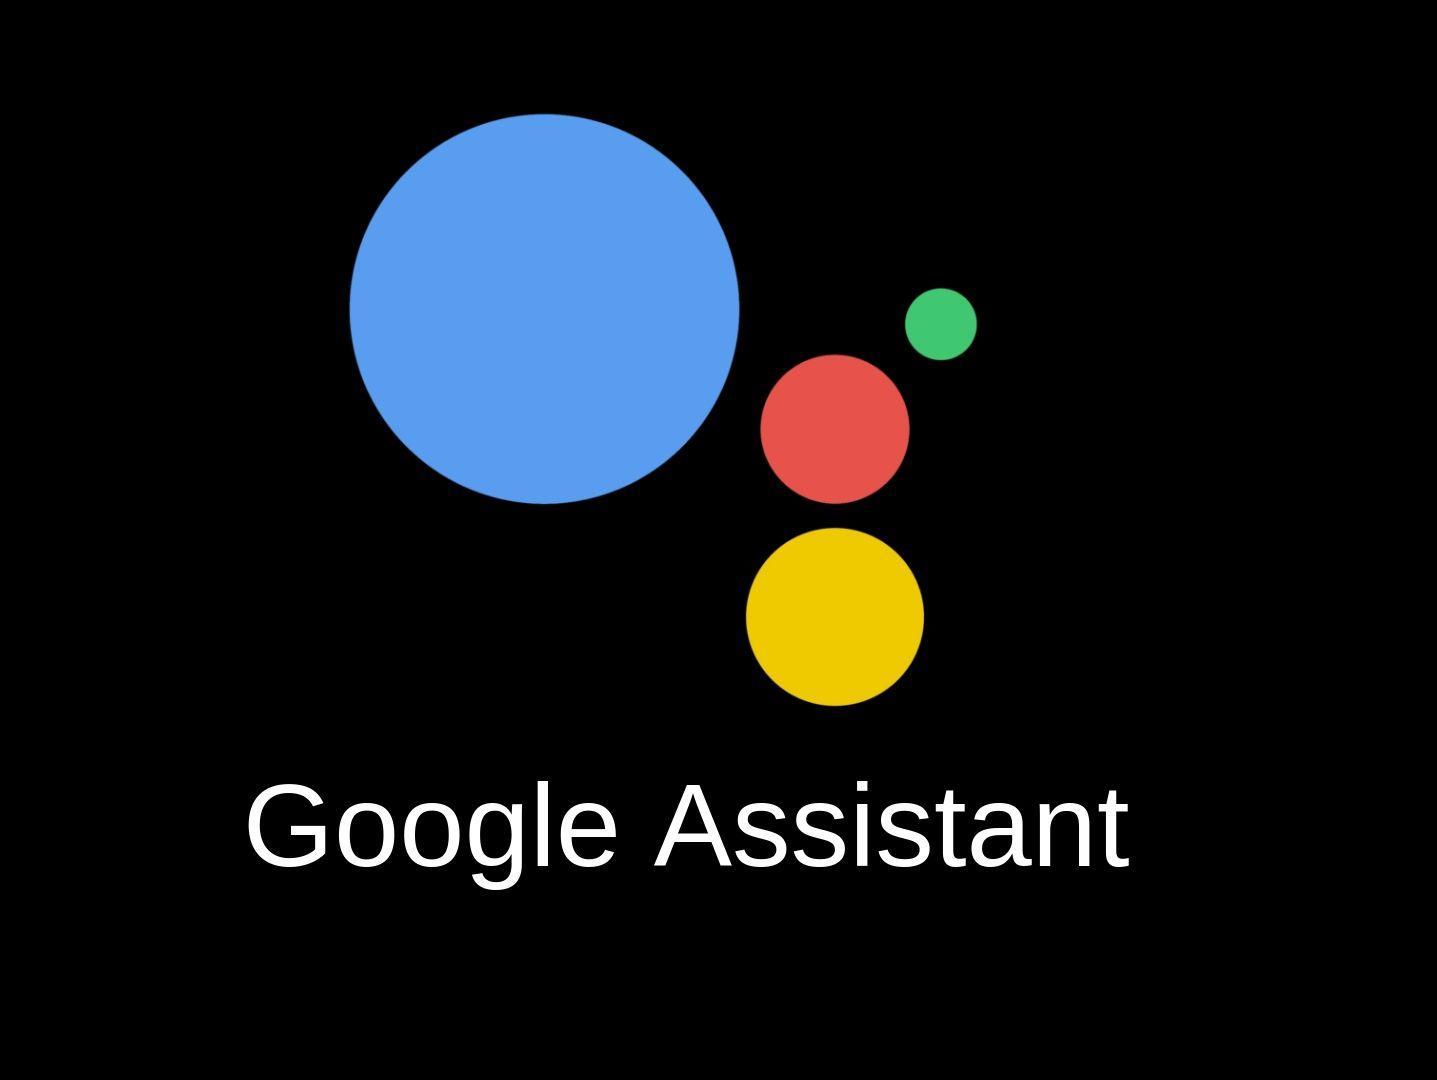 Как создавать команды для управления сервисами и устройствами - ios - cправка - google ассистент